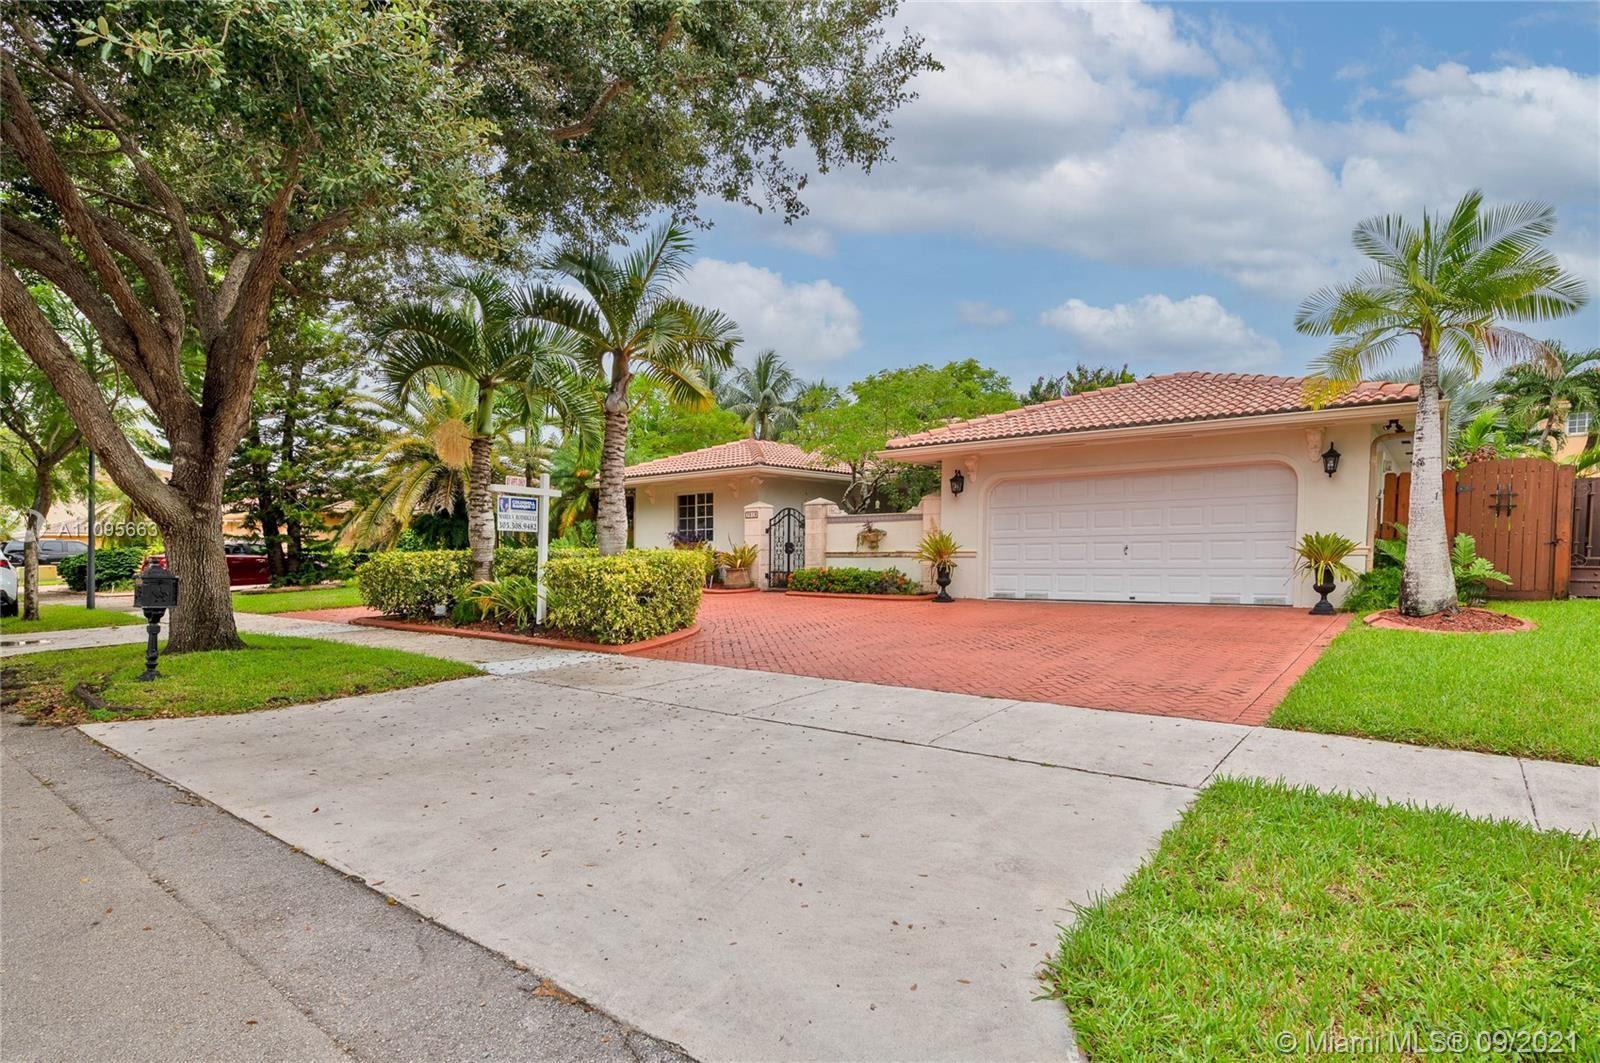 7819 NW 166th Ter, Miami Lakes, FL 33016 - #: A11095663